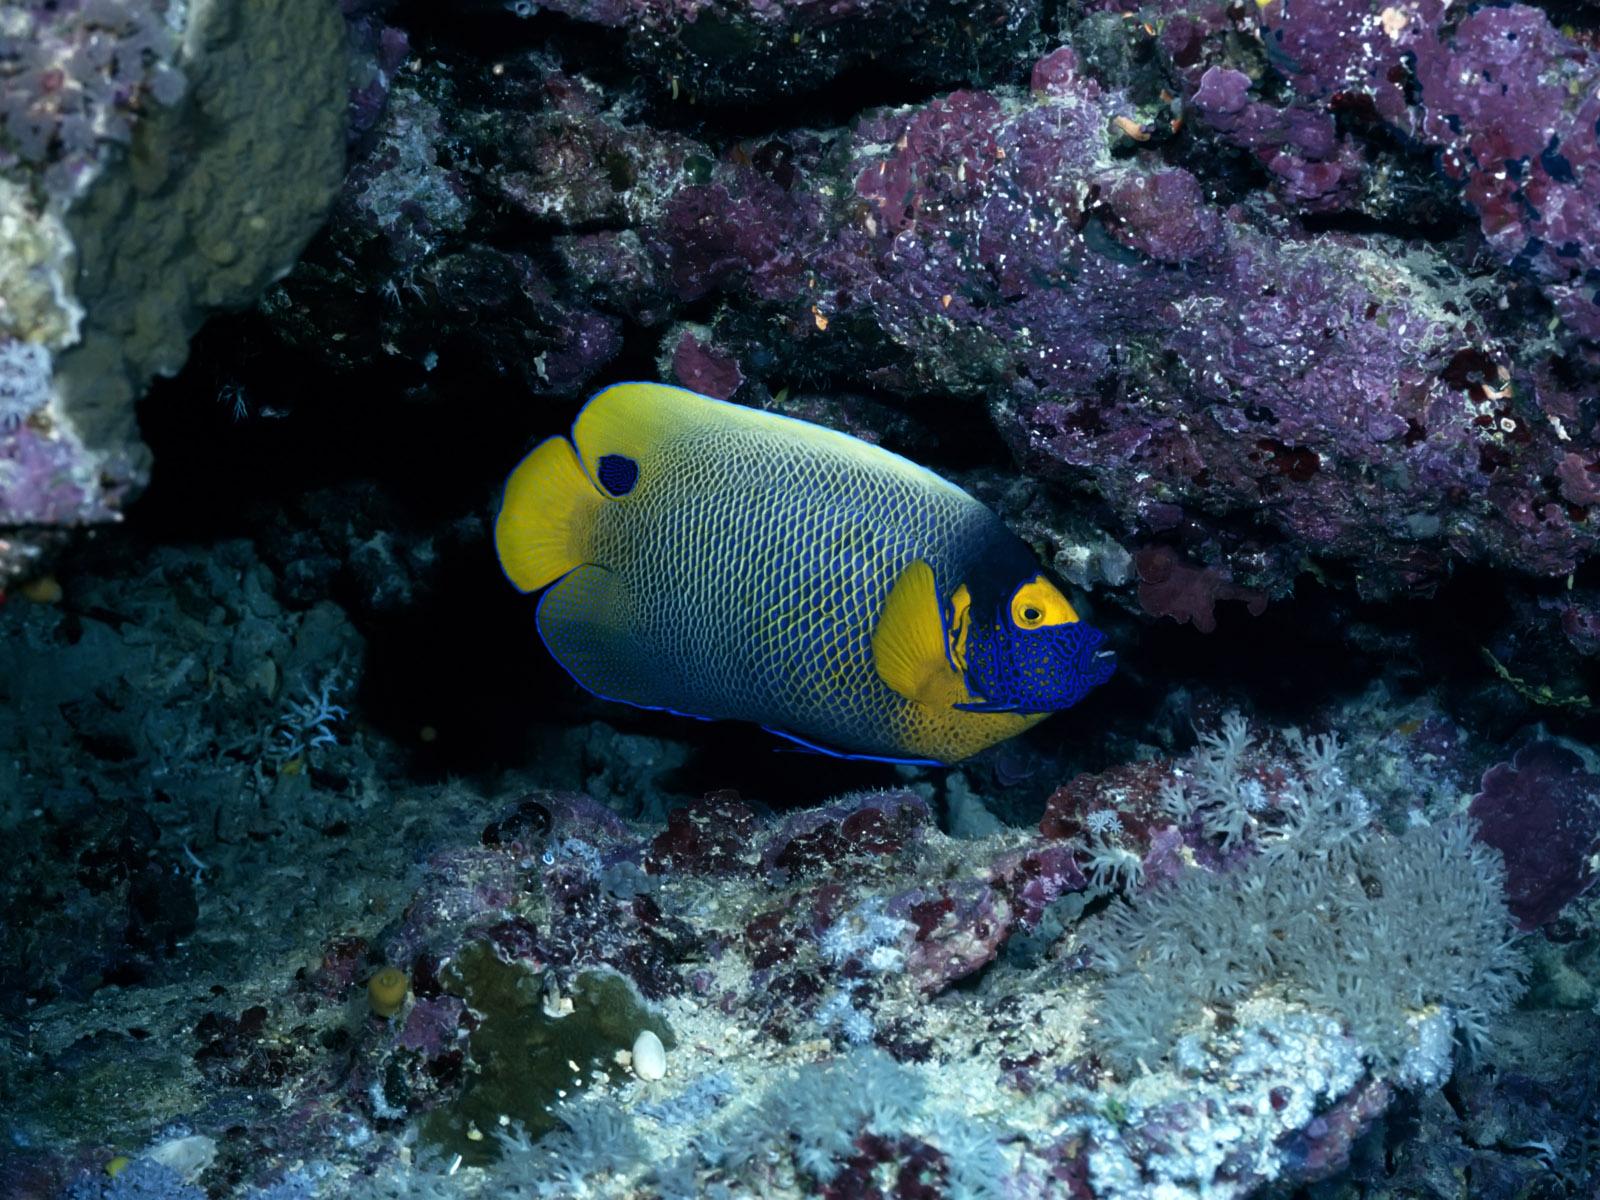 https://4.bp.blogspot.com/-NjvH0Mtia38/Tg4rP3-bEuI/AAAAAAAABBA/cdO9NC7kHyA/s1600/Underwater%2BWallpaper%2B%25252895%252529.jpg